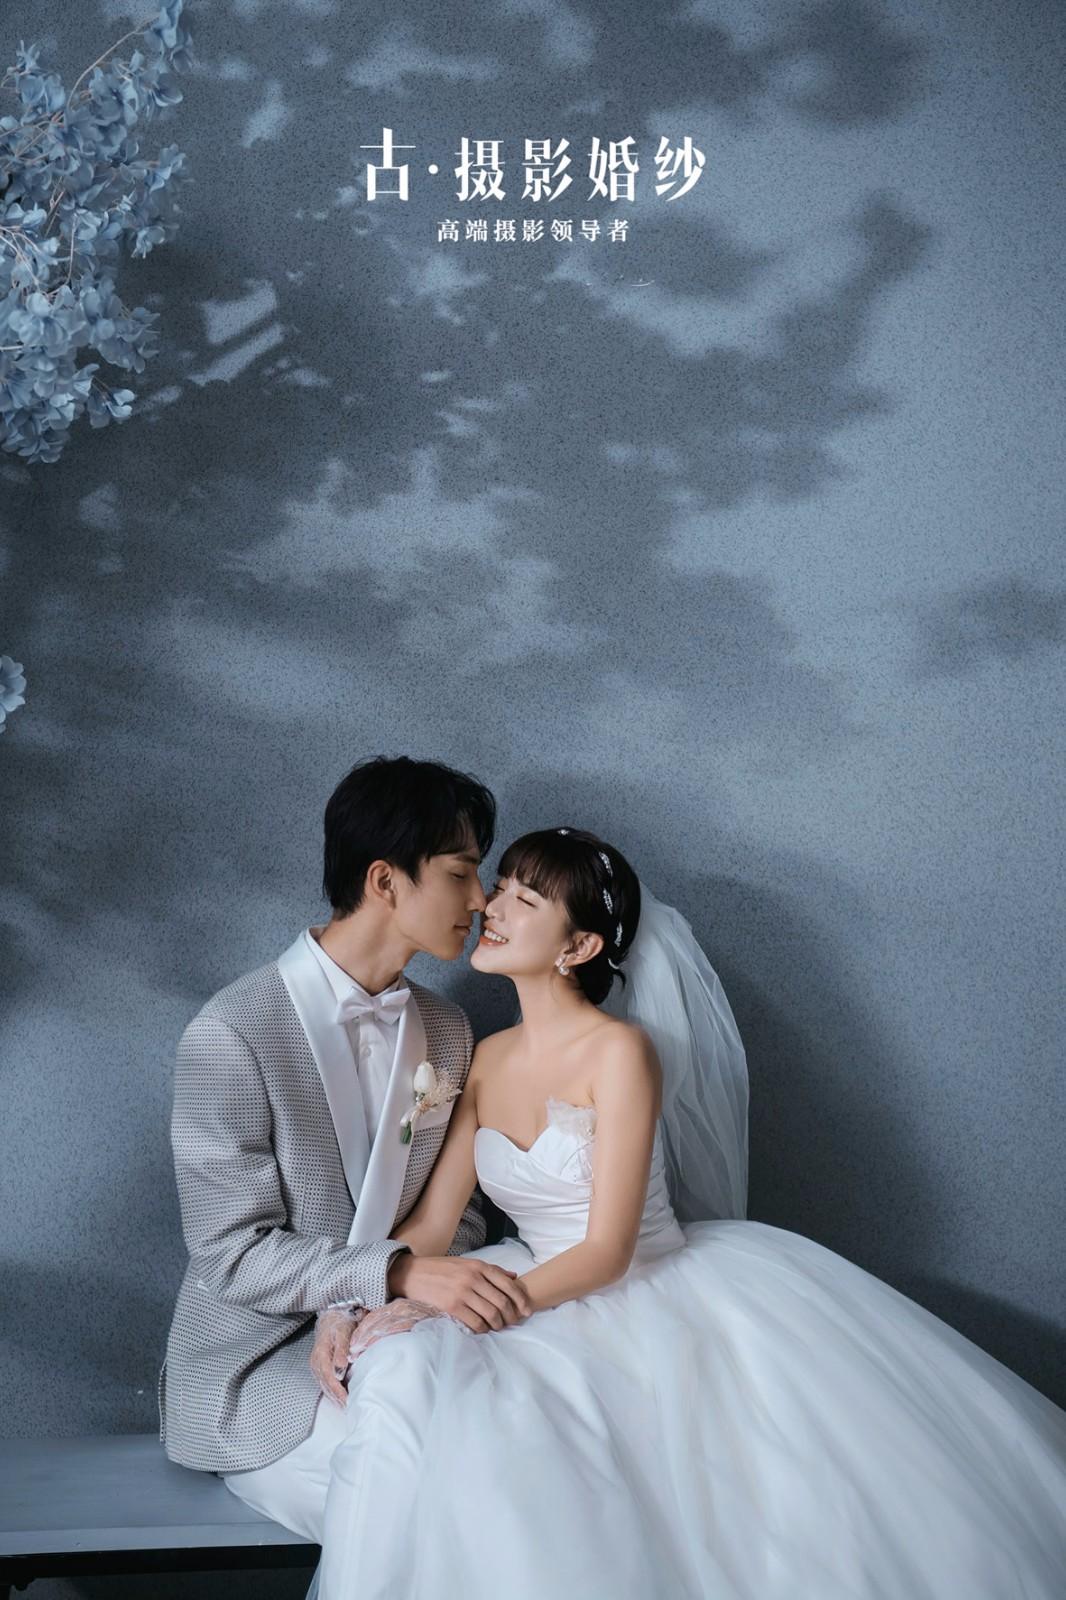 且听风吟 - 明星范 - 古摄影婚纱艺术-古摄影成都婚纱摄影艺术摄影网